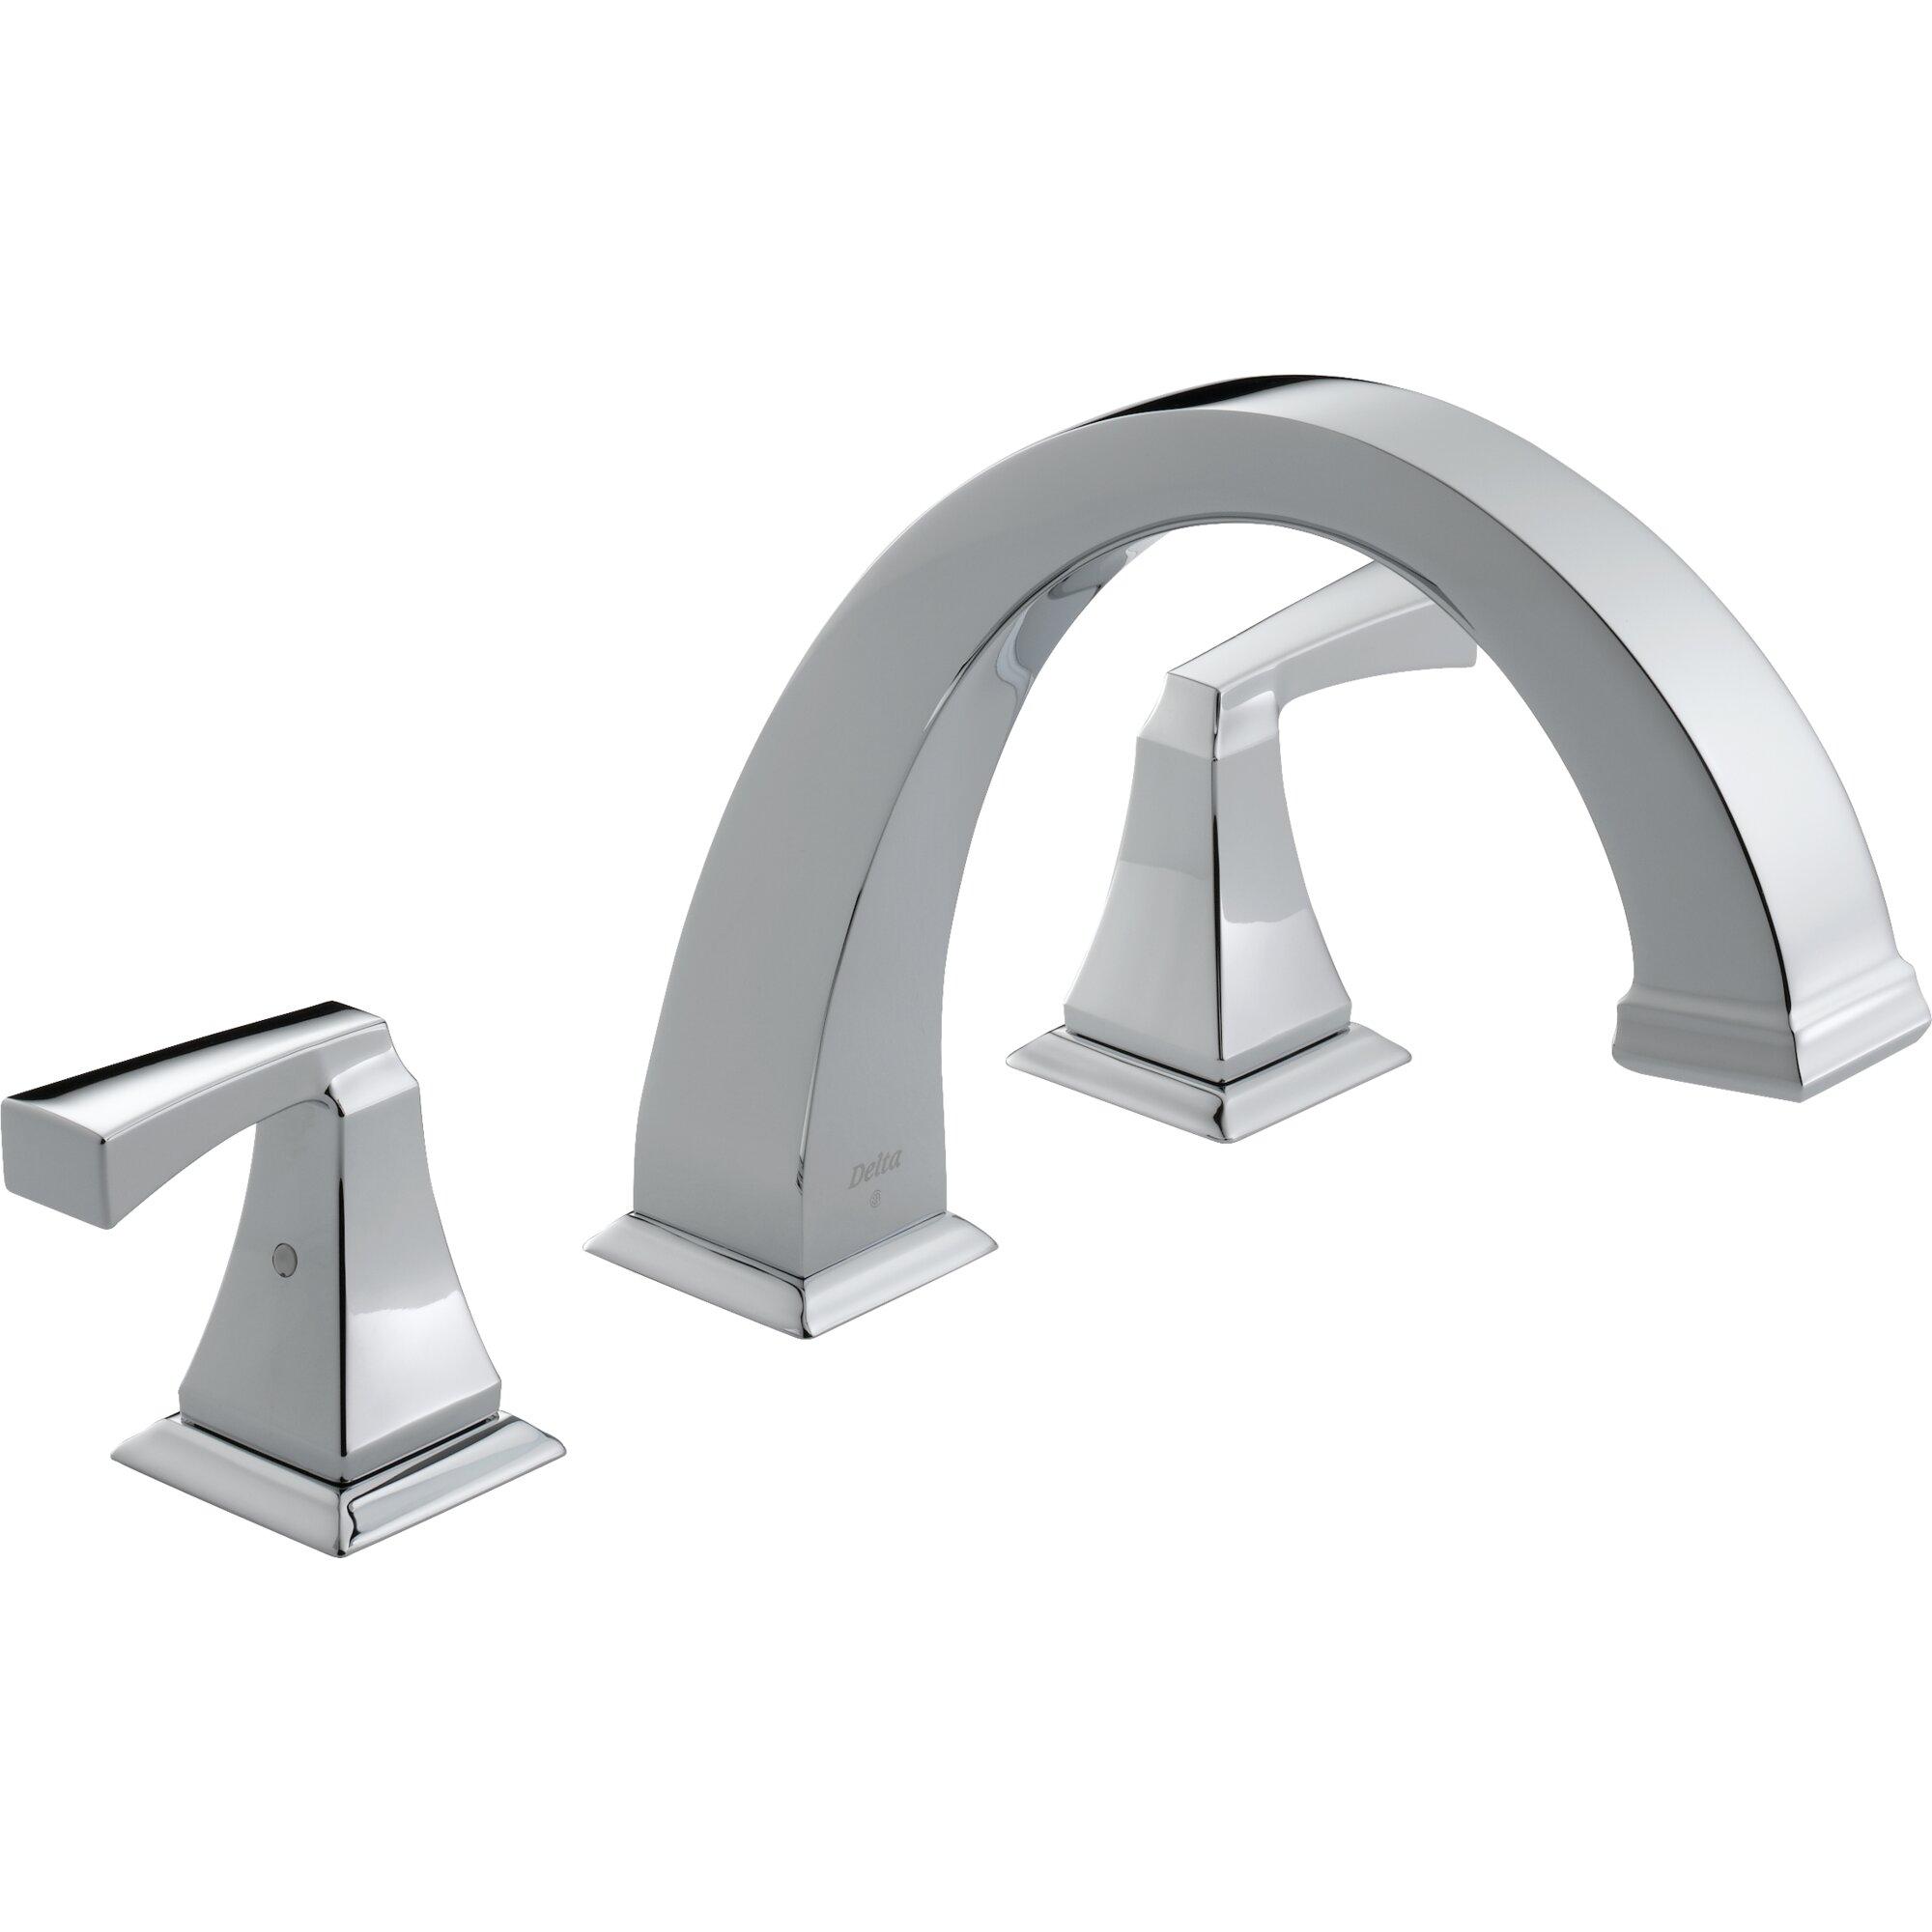 Delta Dryden Double Handle Deck Mount Roman Tub Faucet Trim - Wall mount roman tub filler